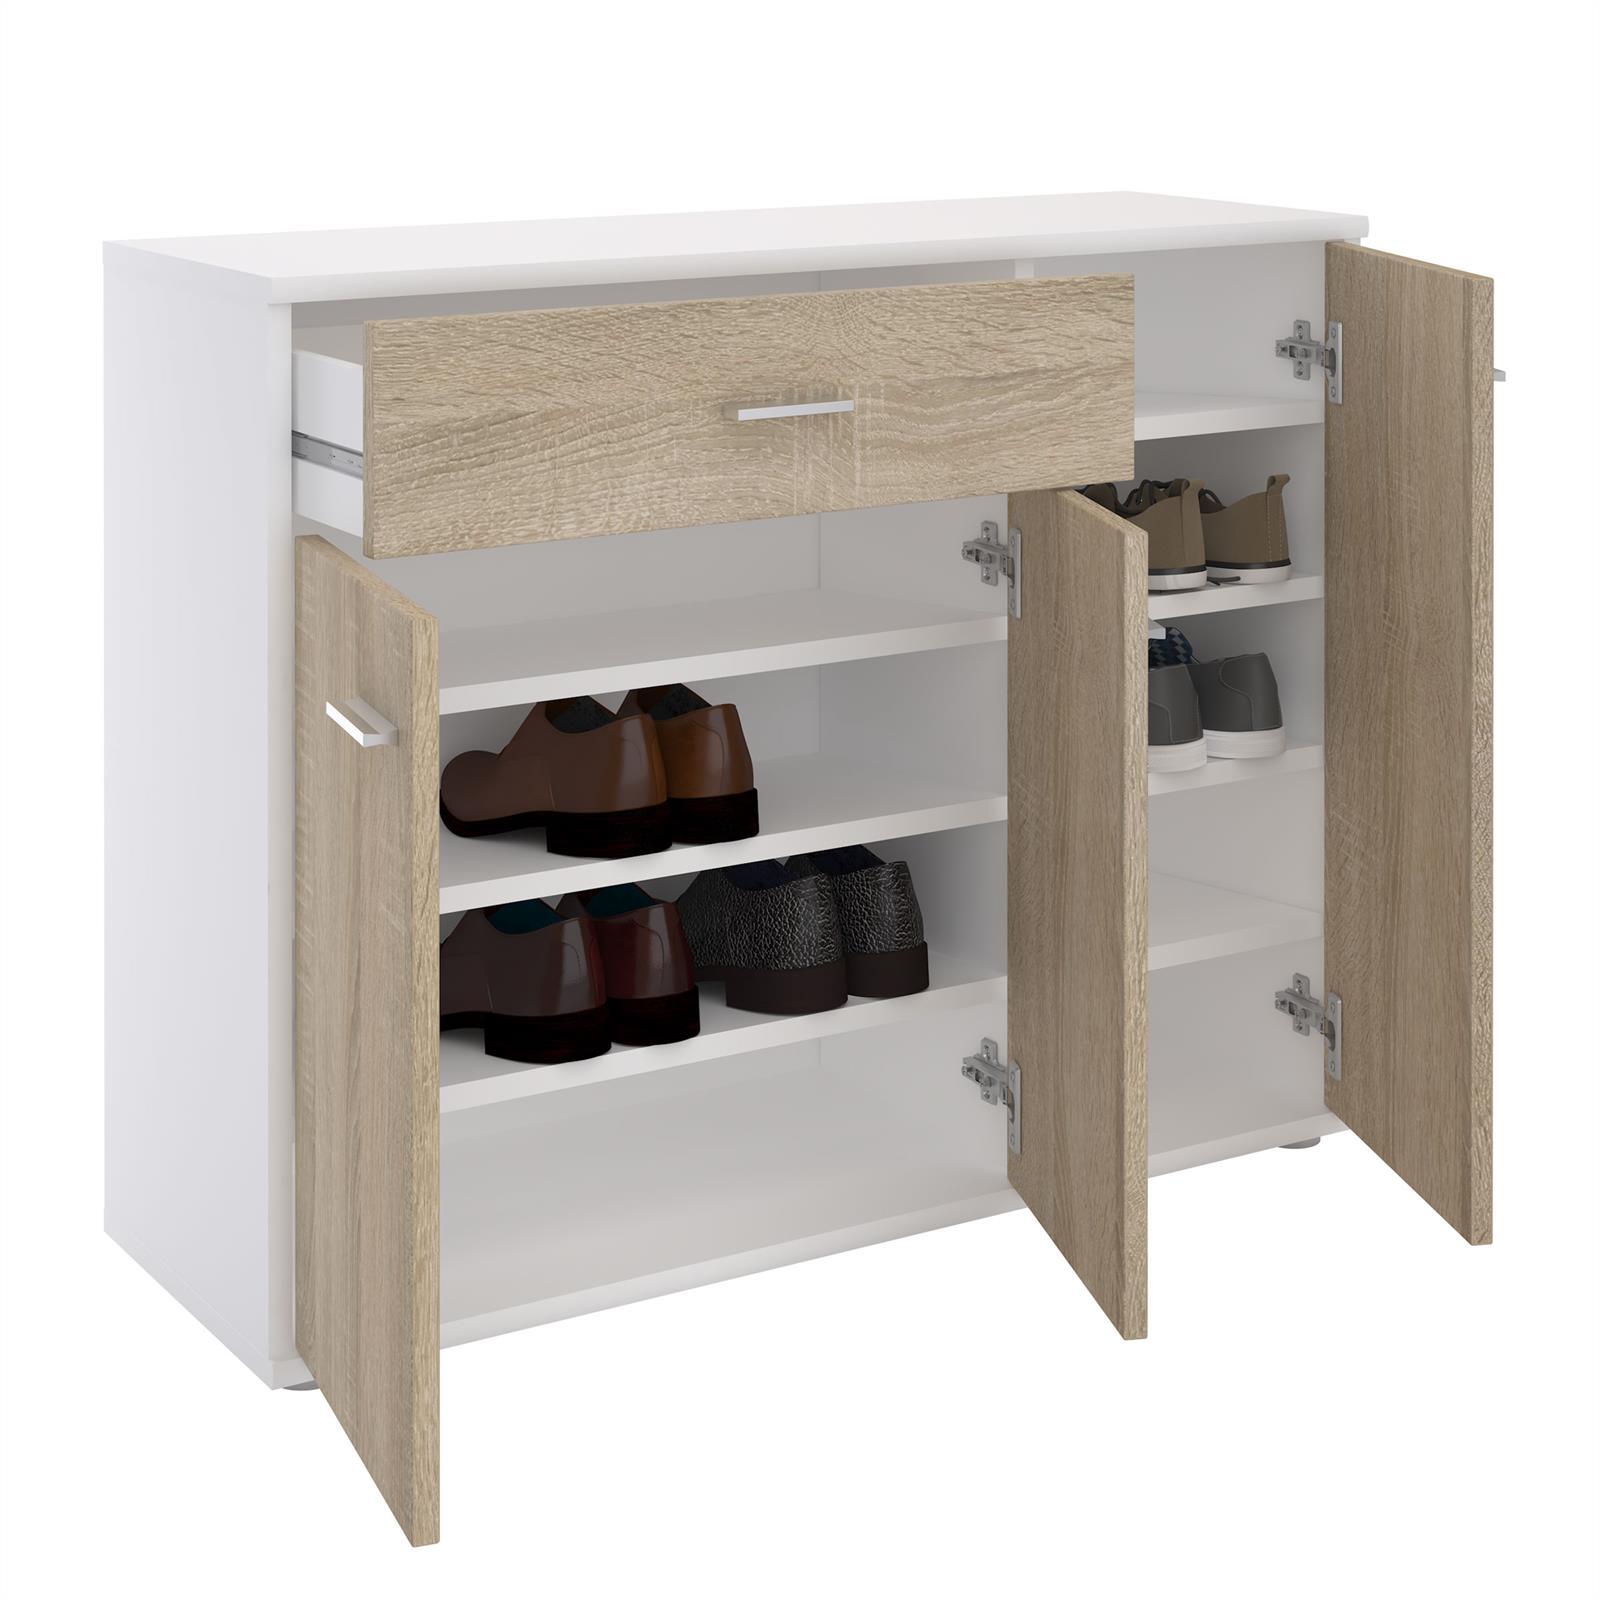 schuhschrank deusto in wei sonoma eiche caro m bel. Black Bedroom Furniture Sets. Home Design Ideas